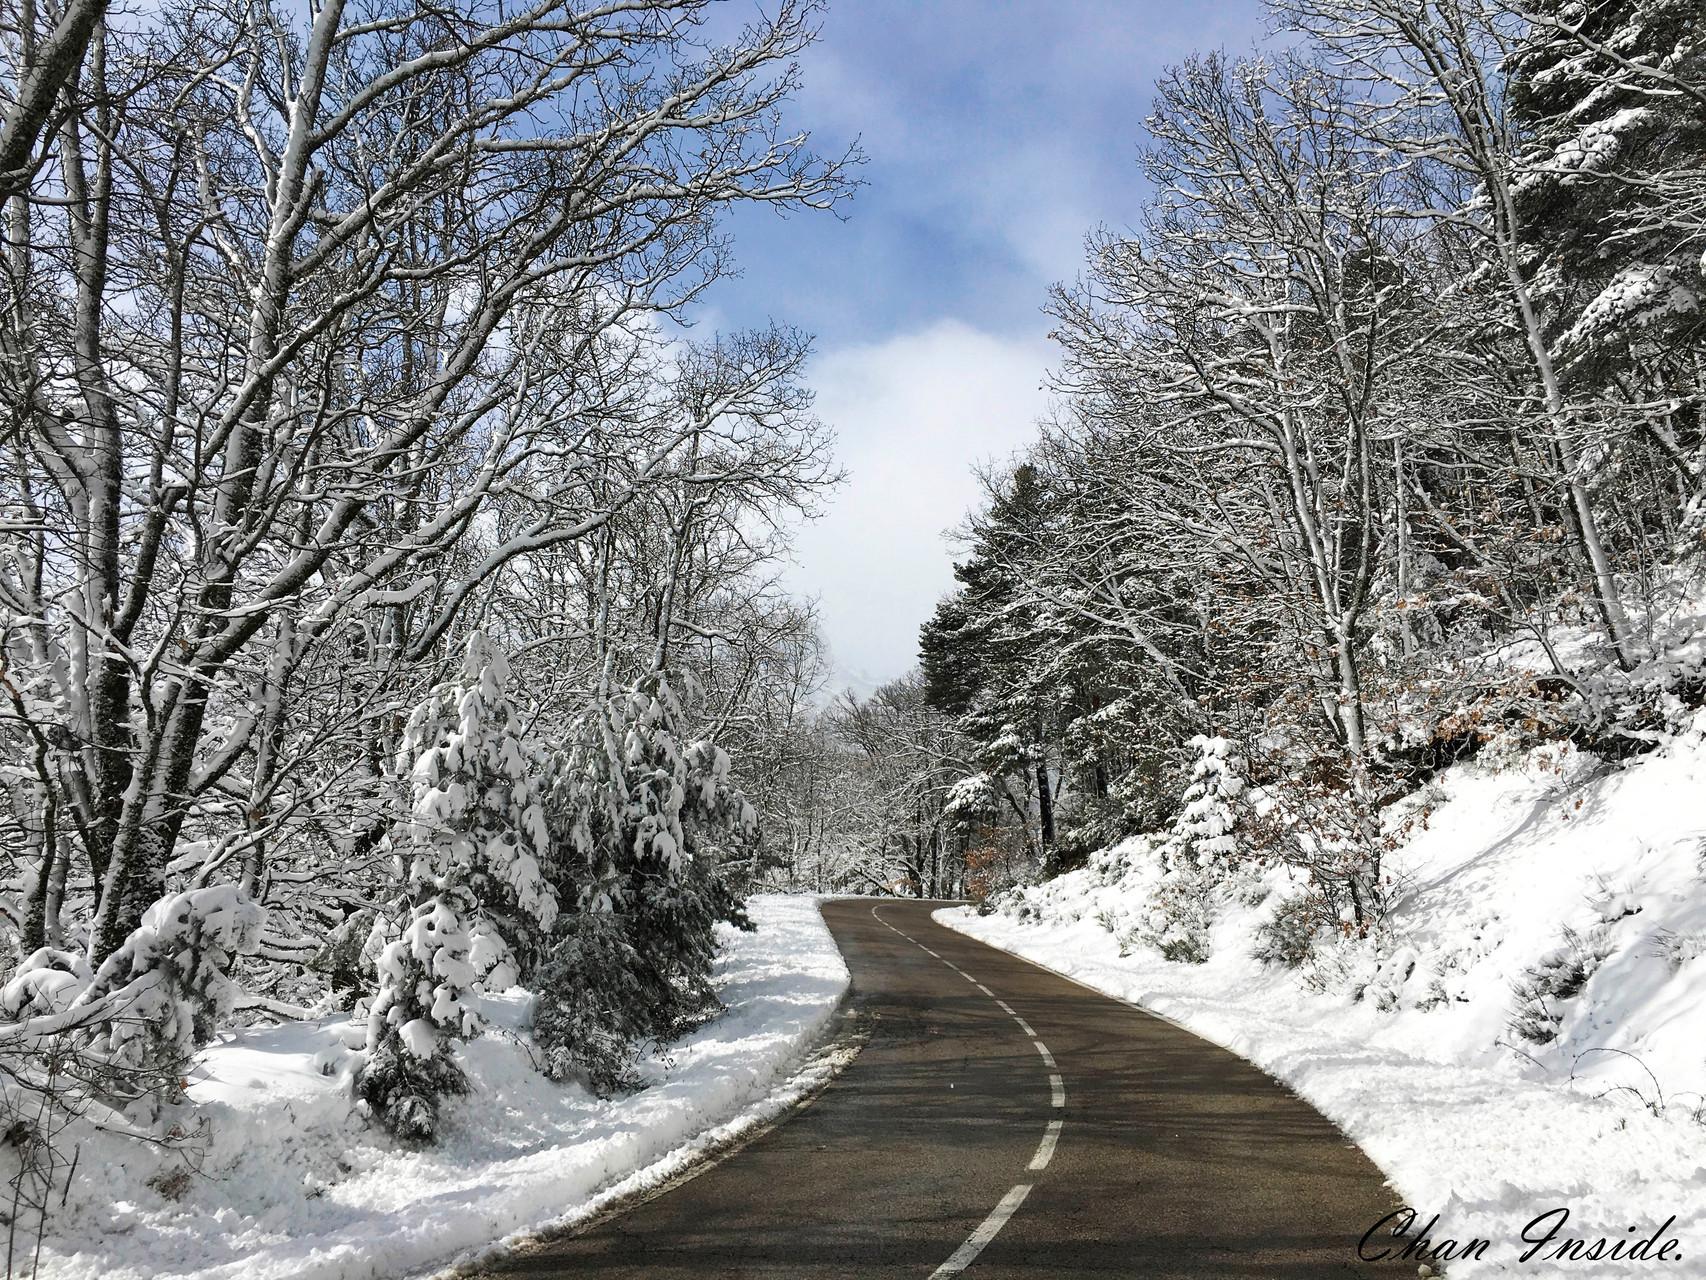 Día en la nieve.